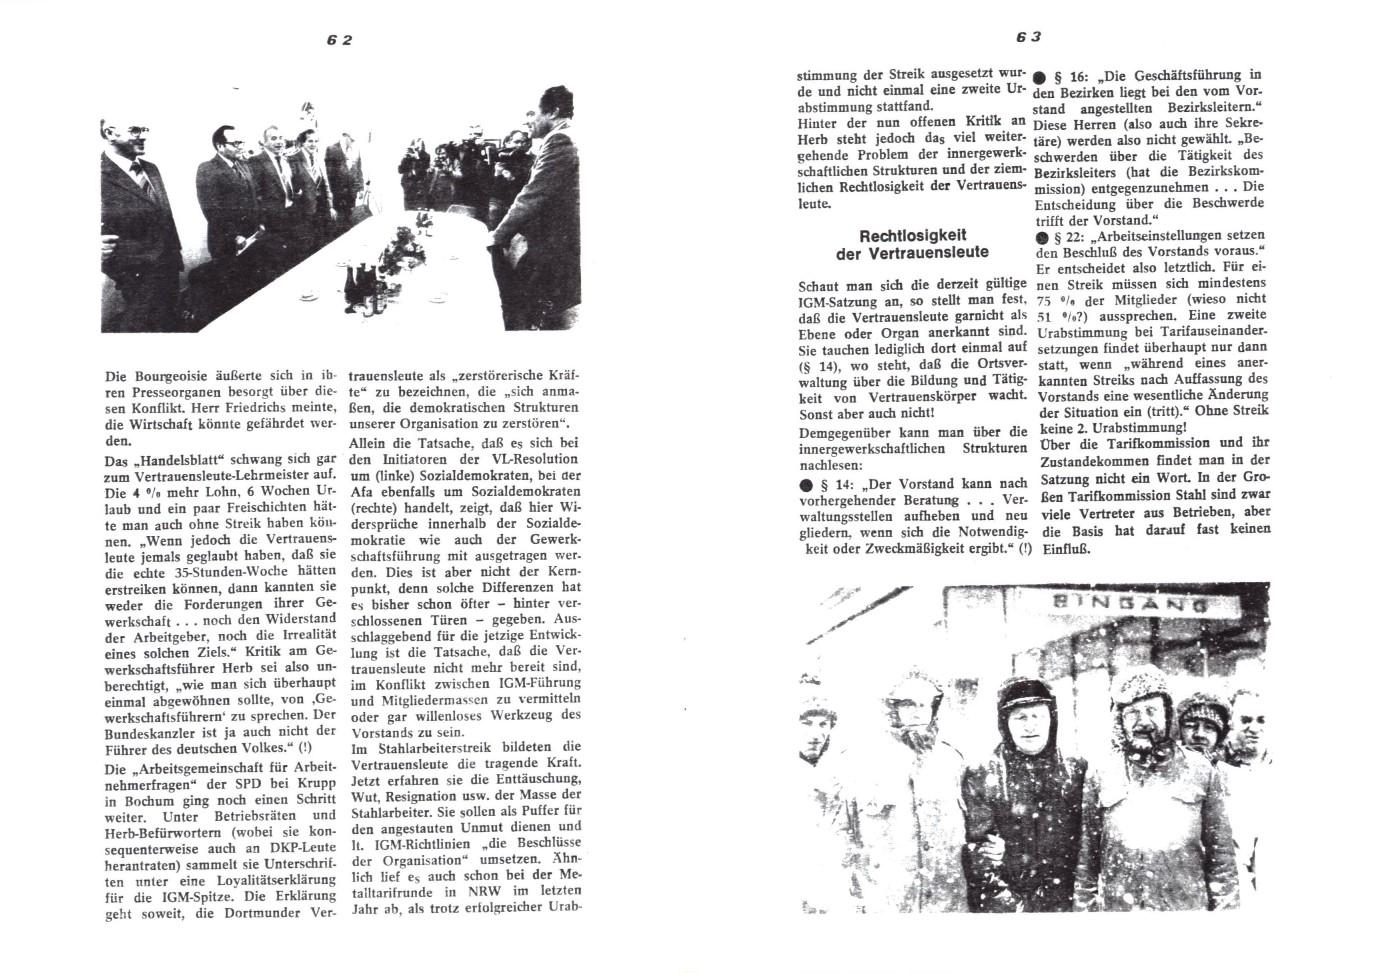 KPDAO_1979_Streik_in_der_Stahlindustrie_33